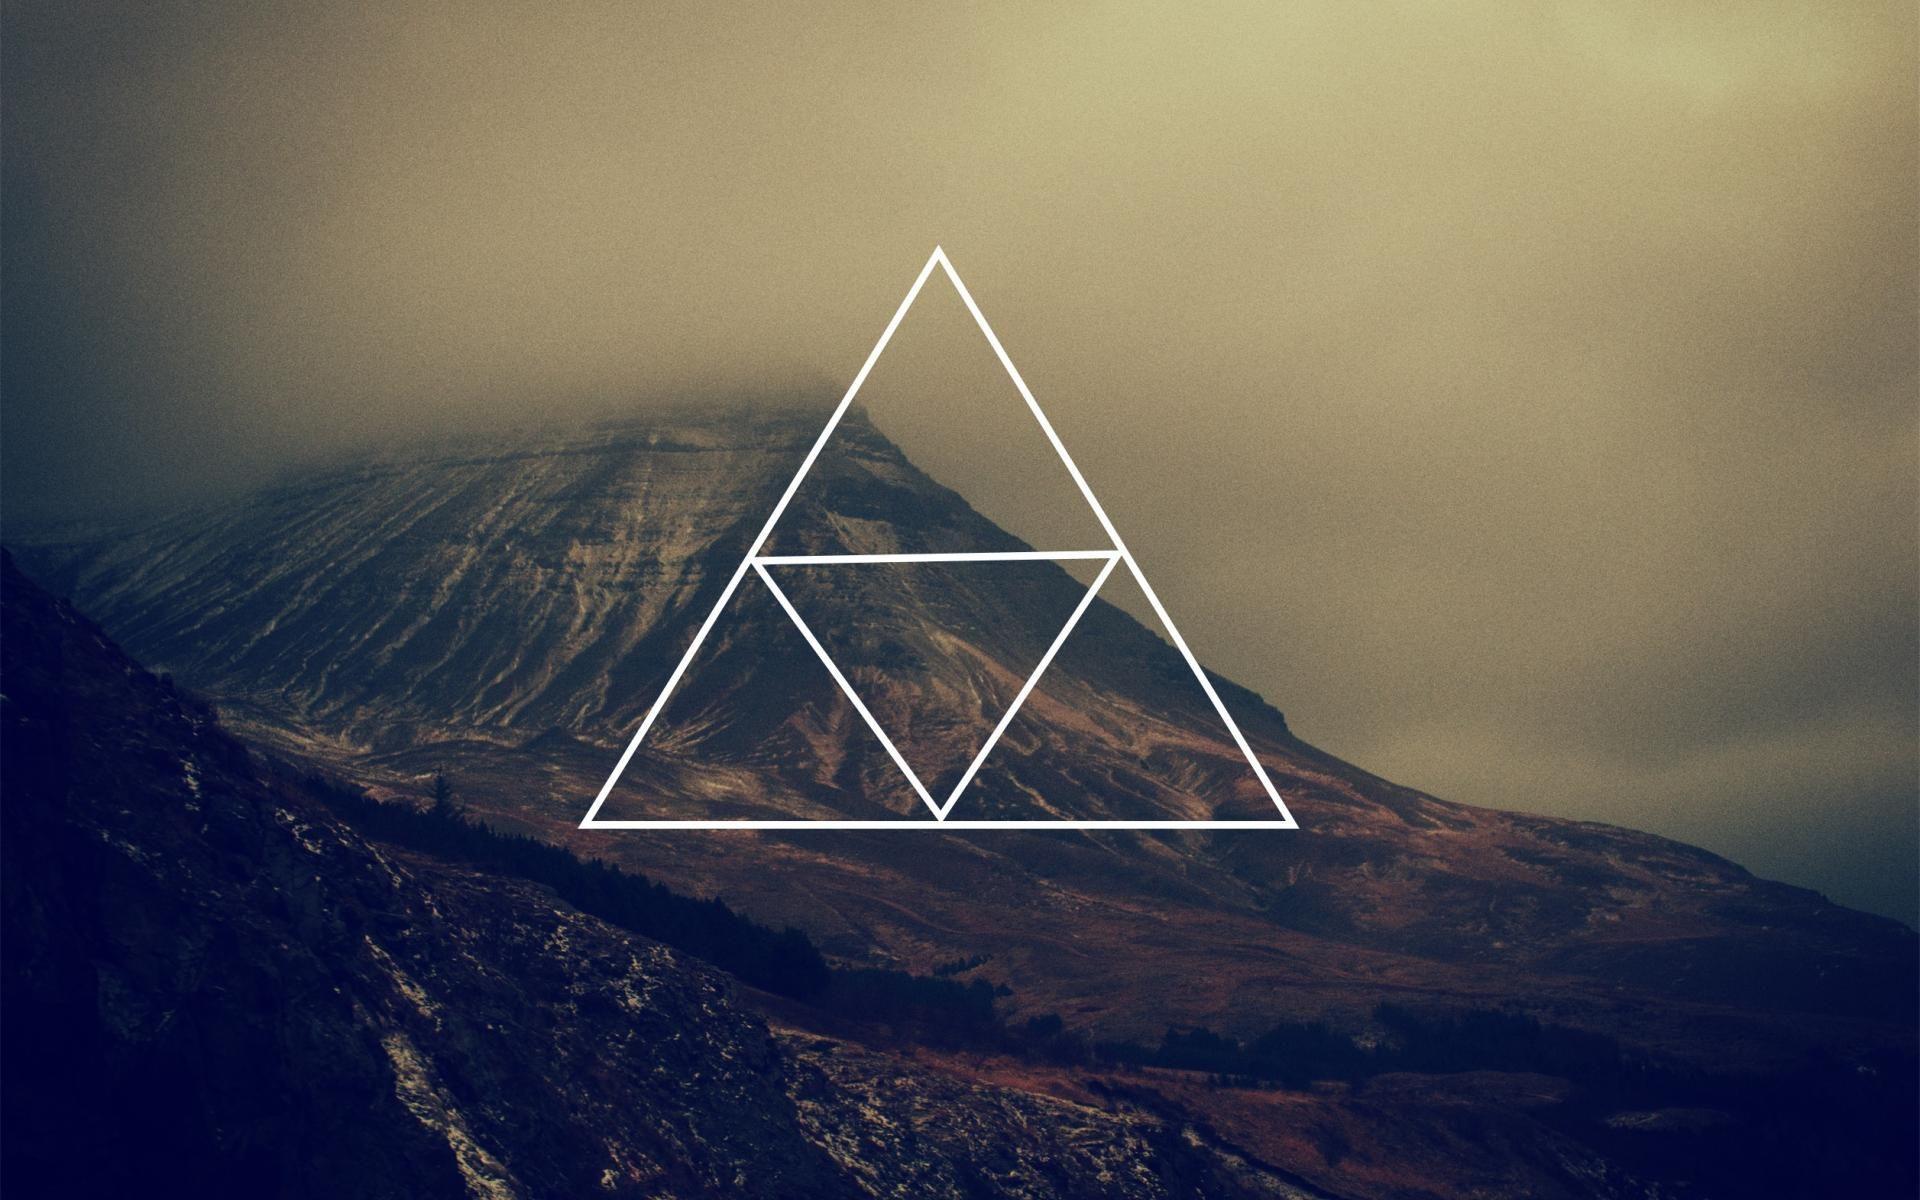 Нины днем, картинка с треугольником